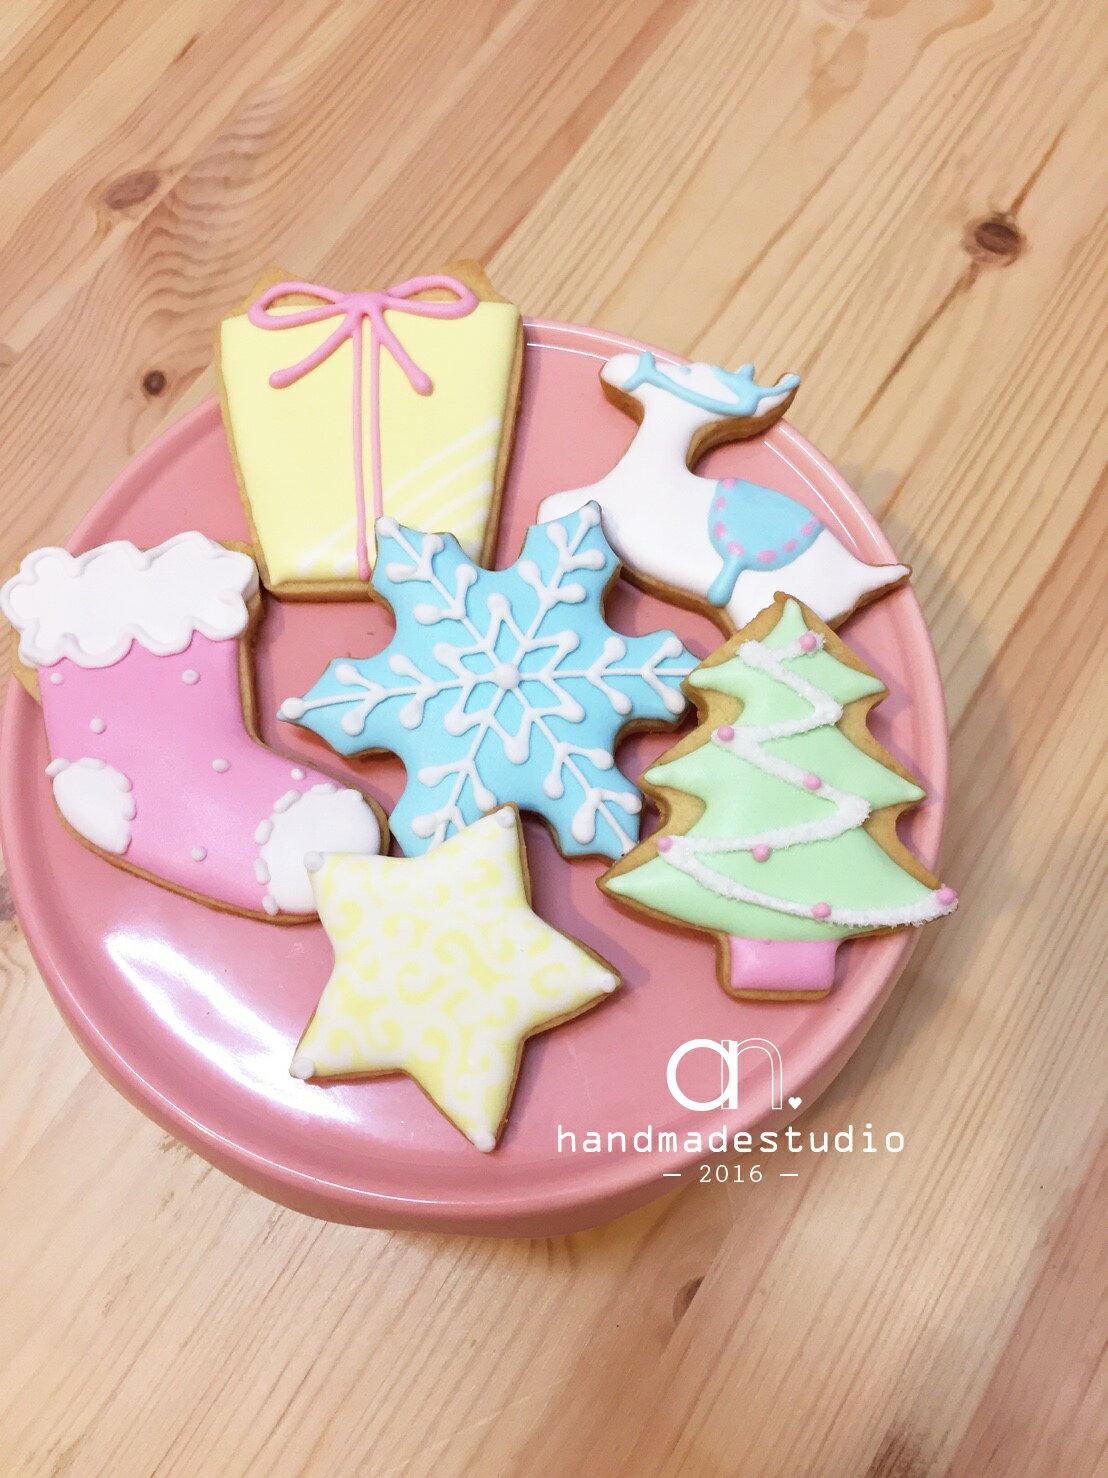 {聖誕限定}繽紛馬卡龍色聖誕糖霜餅乾6件組│聖誕甜點推薦 by anStudio 1